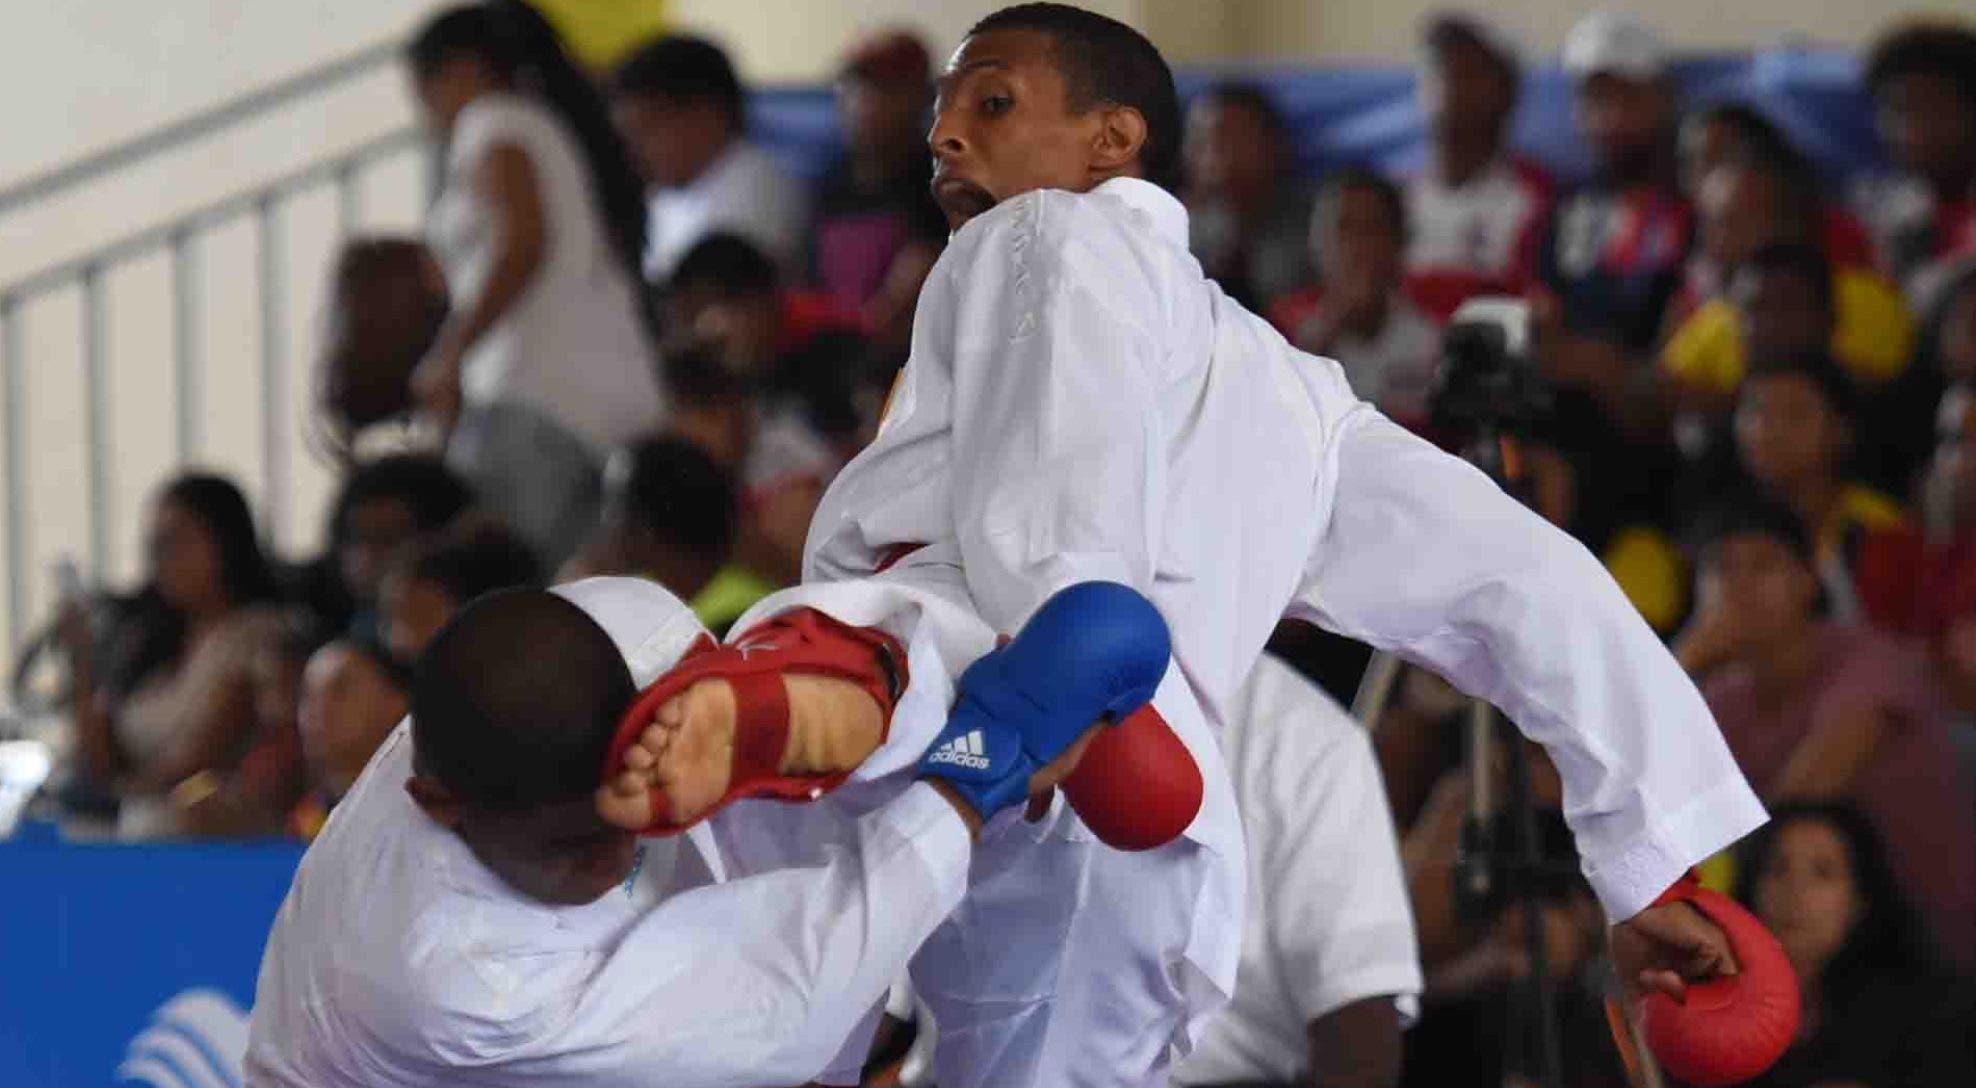 Deivis Ferreras, derecha, conecta una patada al rostro de su rivalen uno de sus combates en Barranquilla, Colombia donde ganó el oro.  Alberto Calvo